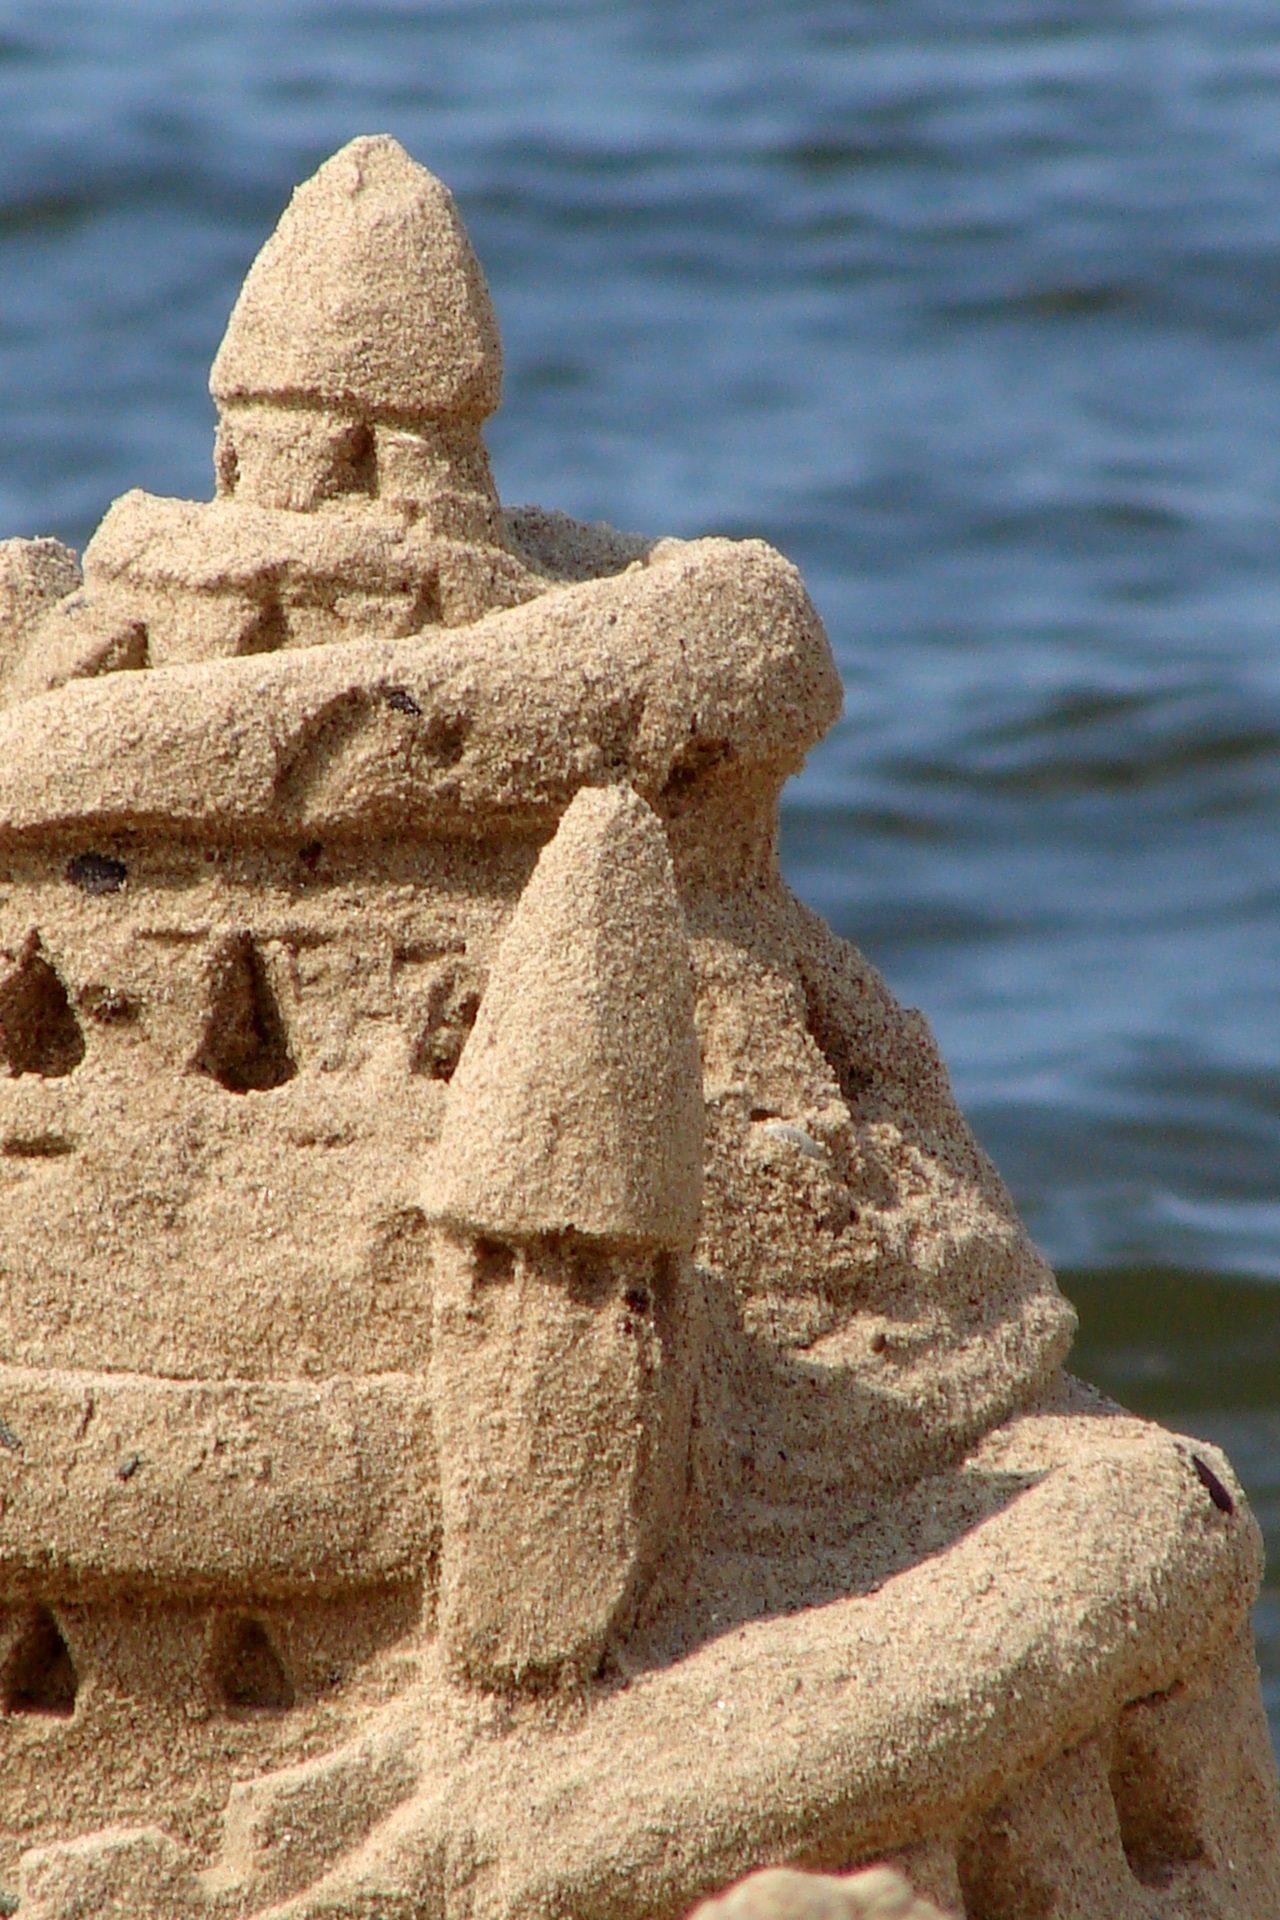 城堡, 沙子, 海滩, 塔, 海, 水 - 高清壁纸 - 教授-falken.com